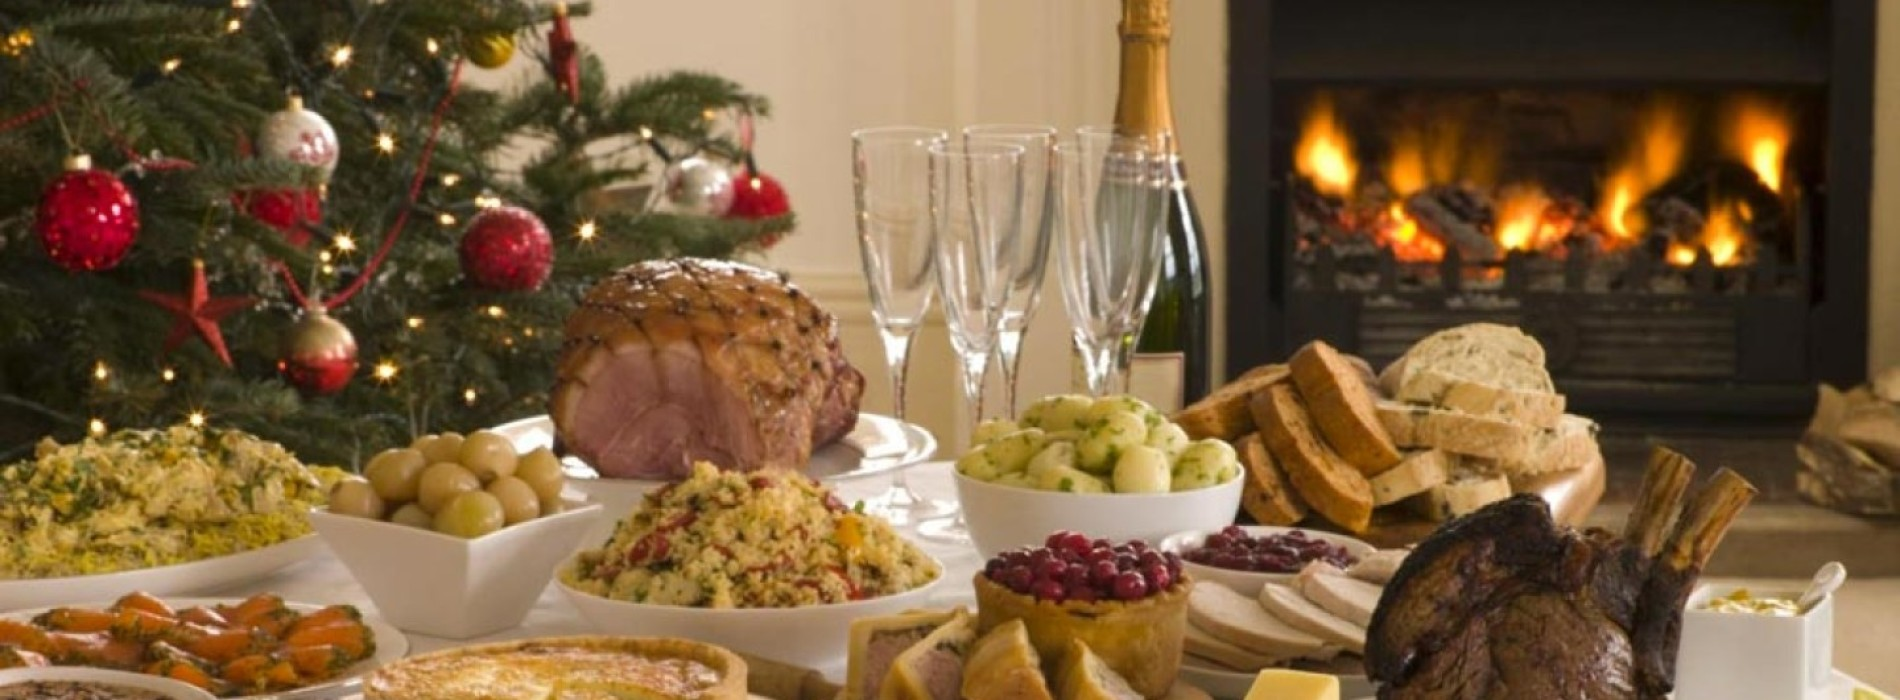 San Silvestro merita un cenone, le proposte di gusto a Caserta